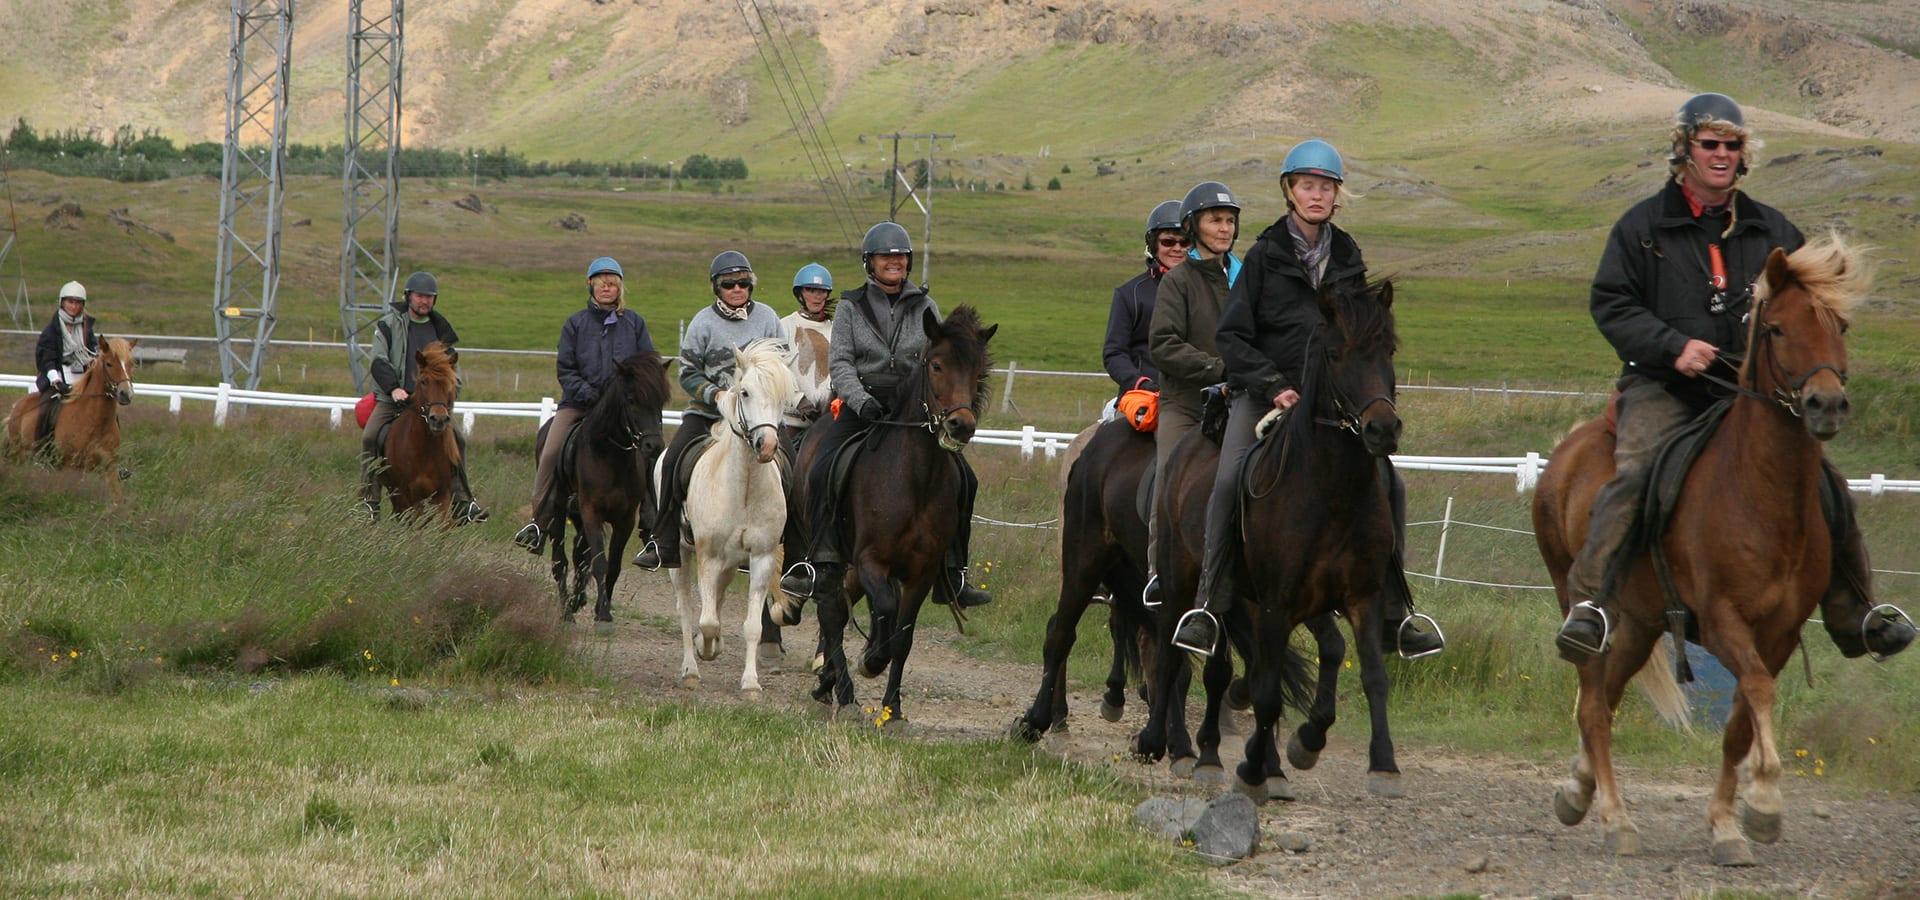 Horse Riding & Gullfoss, Geysir & Þingvellir - Golden Circle Iceland